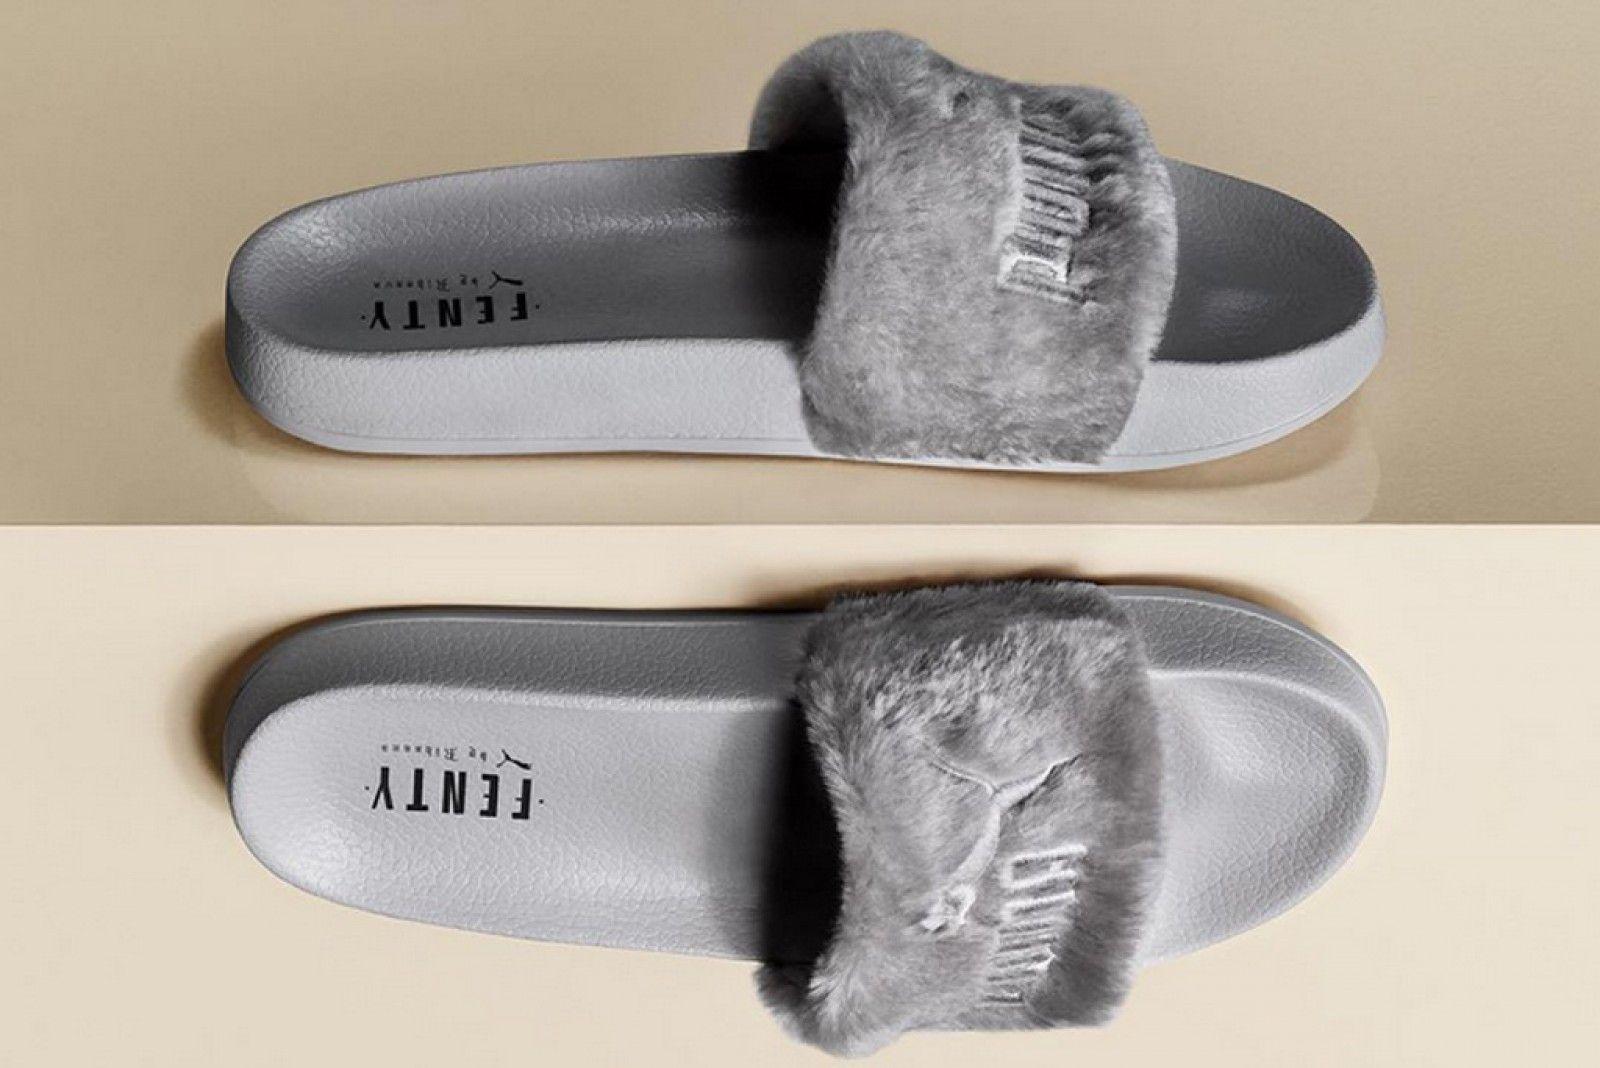 e6fe80cdc637 Puma X Rihanna Fenty Slides Leadcat Fenty Quarry-Puma Silver - 0362266-09